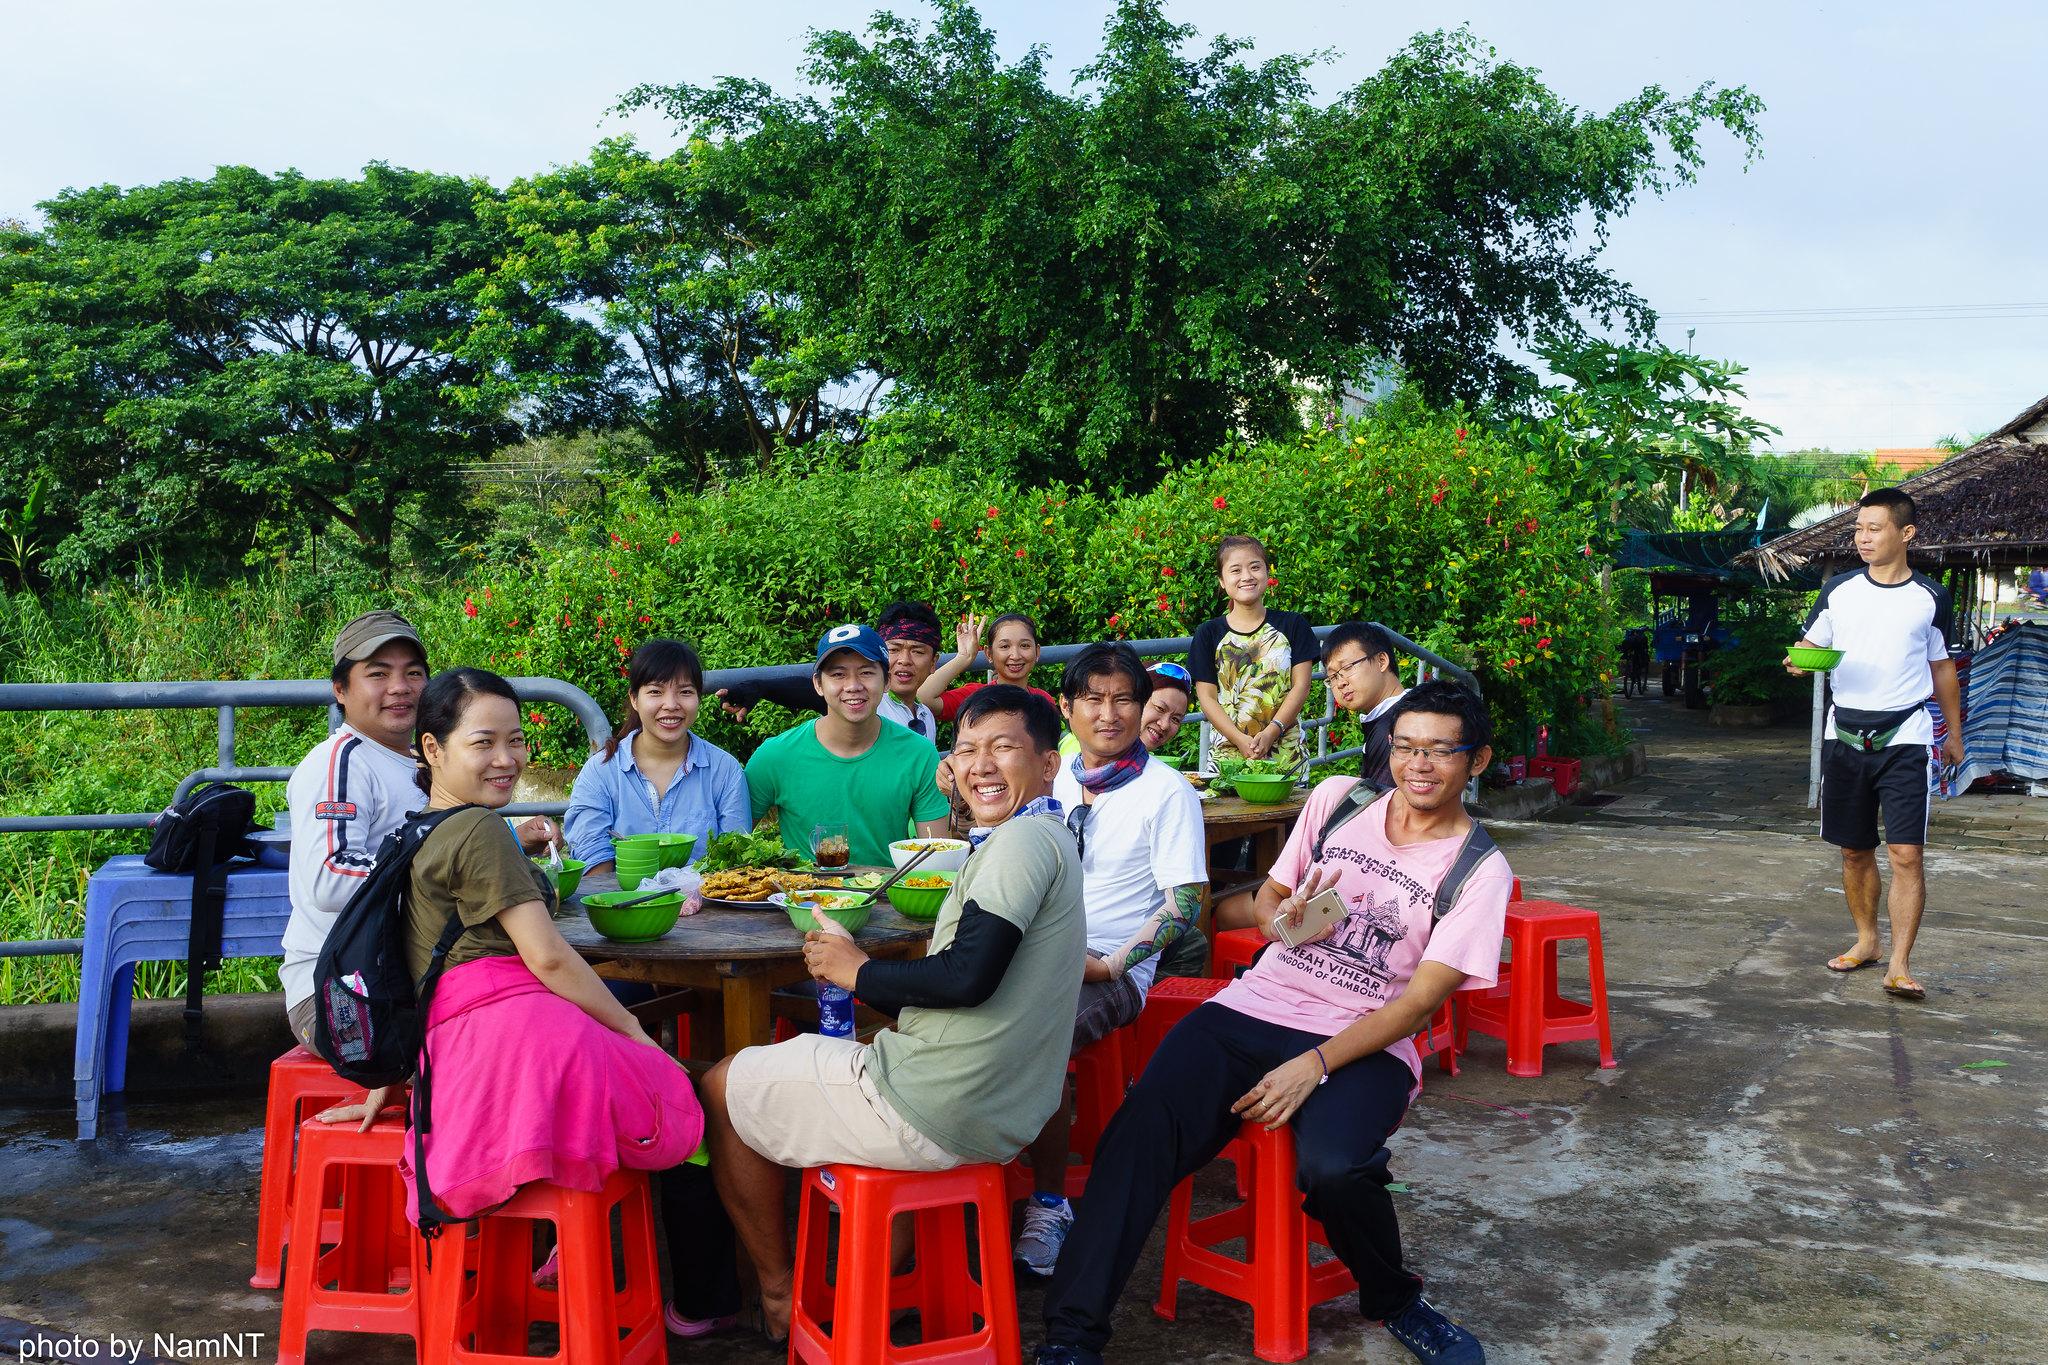 21413576251 01686bc6b2 k - SG- Tân An Mộc Hóa : Khám phá làng nổi Tân Lập